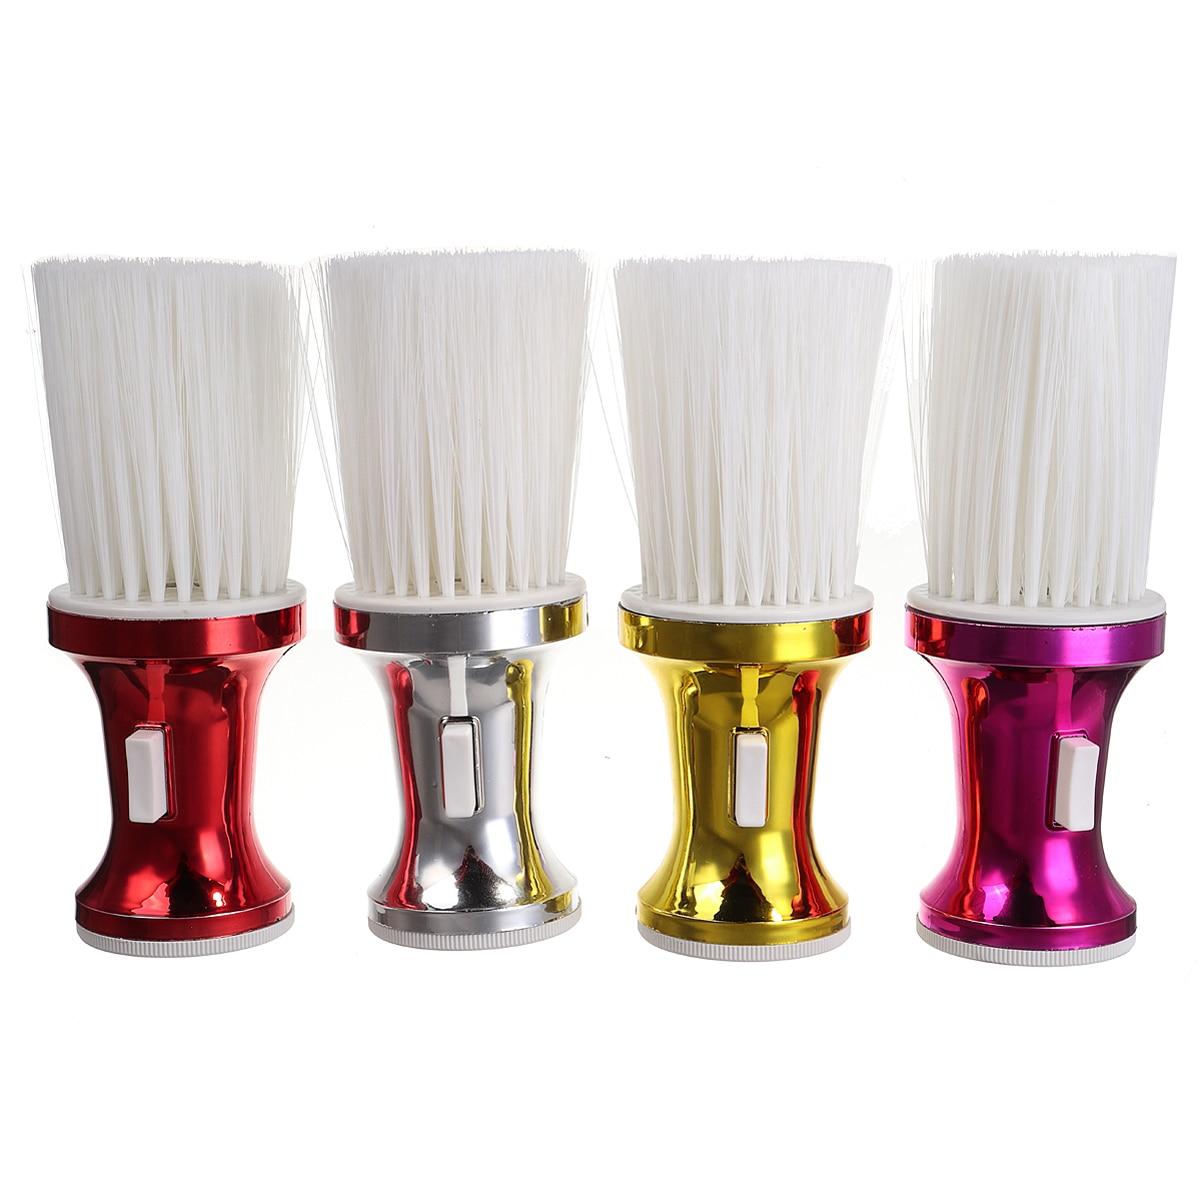 4 Colores Salón De Pelo Afeitado Cepillo Suave Cuello Polvo Quitar Cepillos De Limpieza Peluquería Estilismo Herramientas Limpias